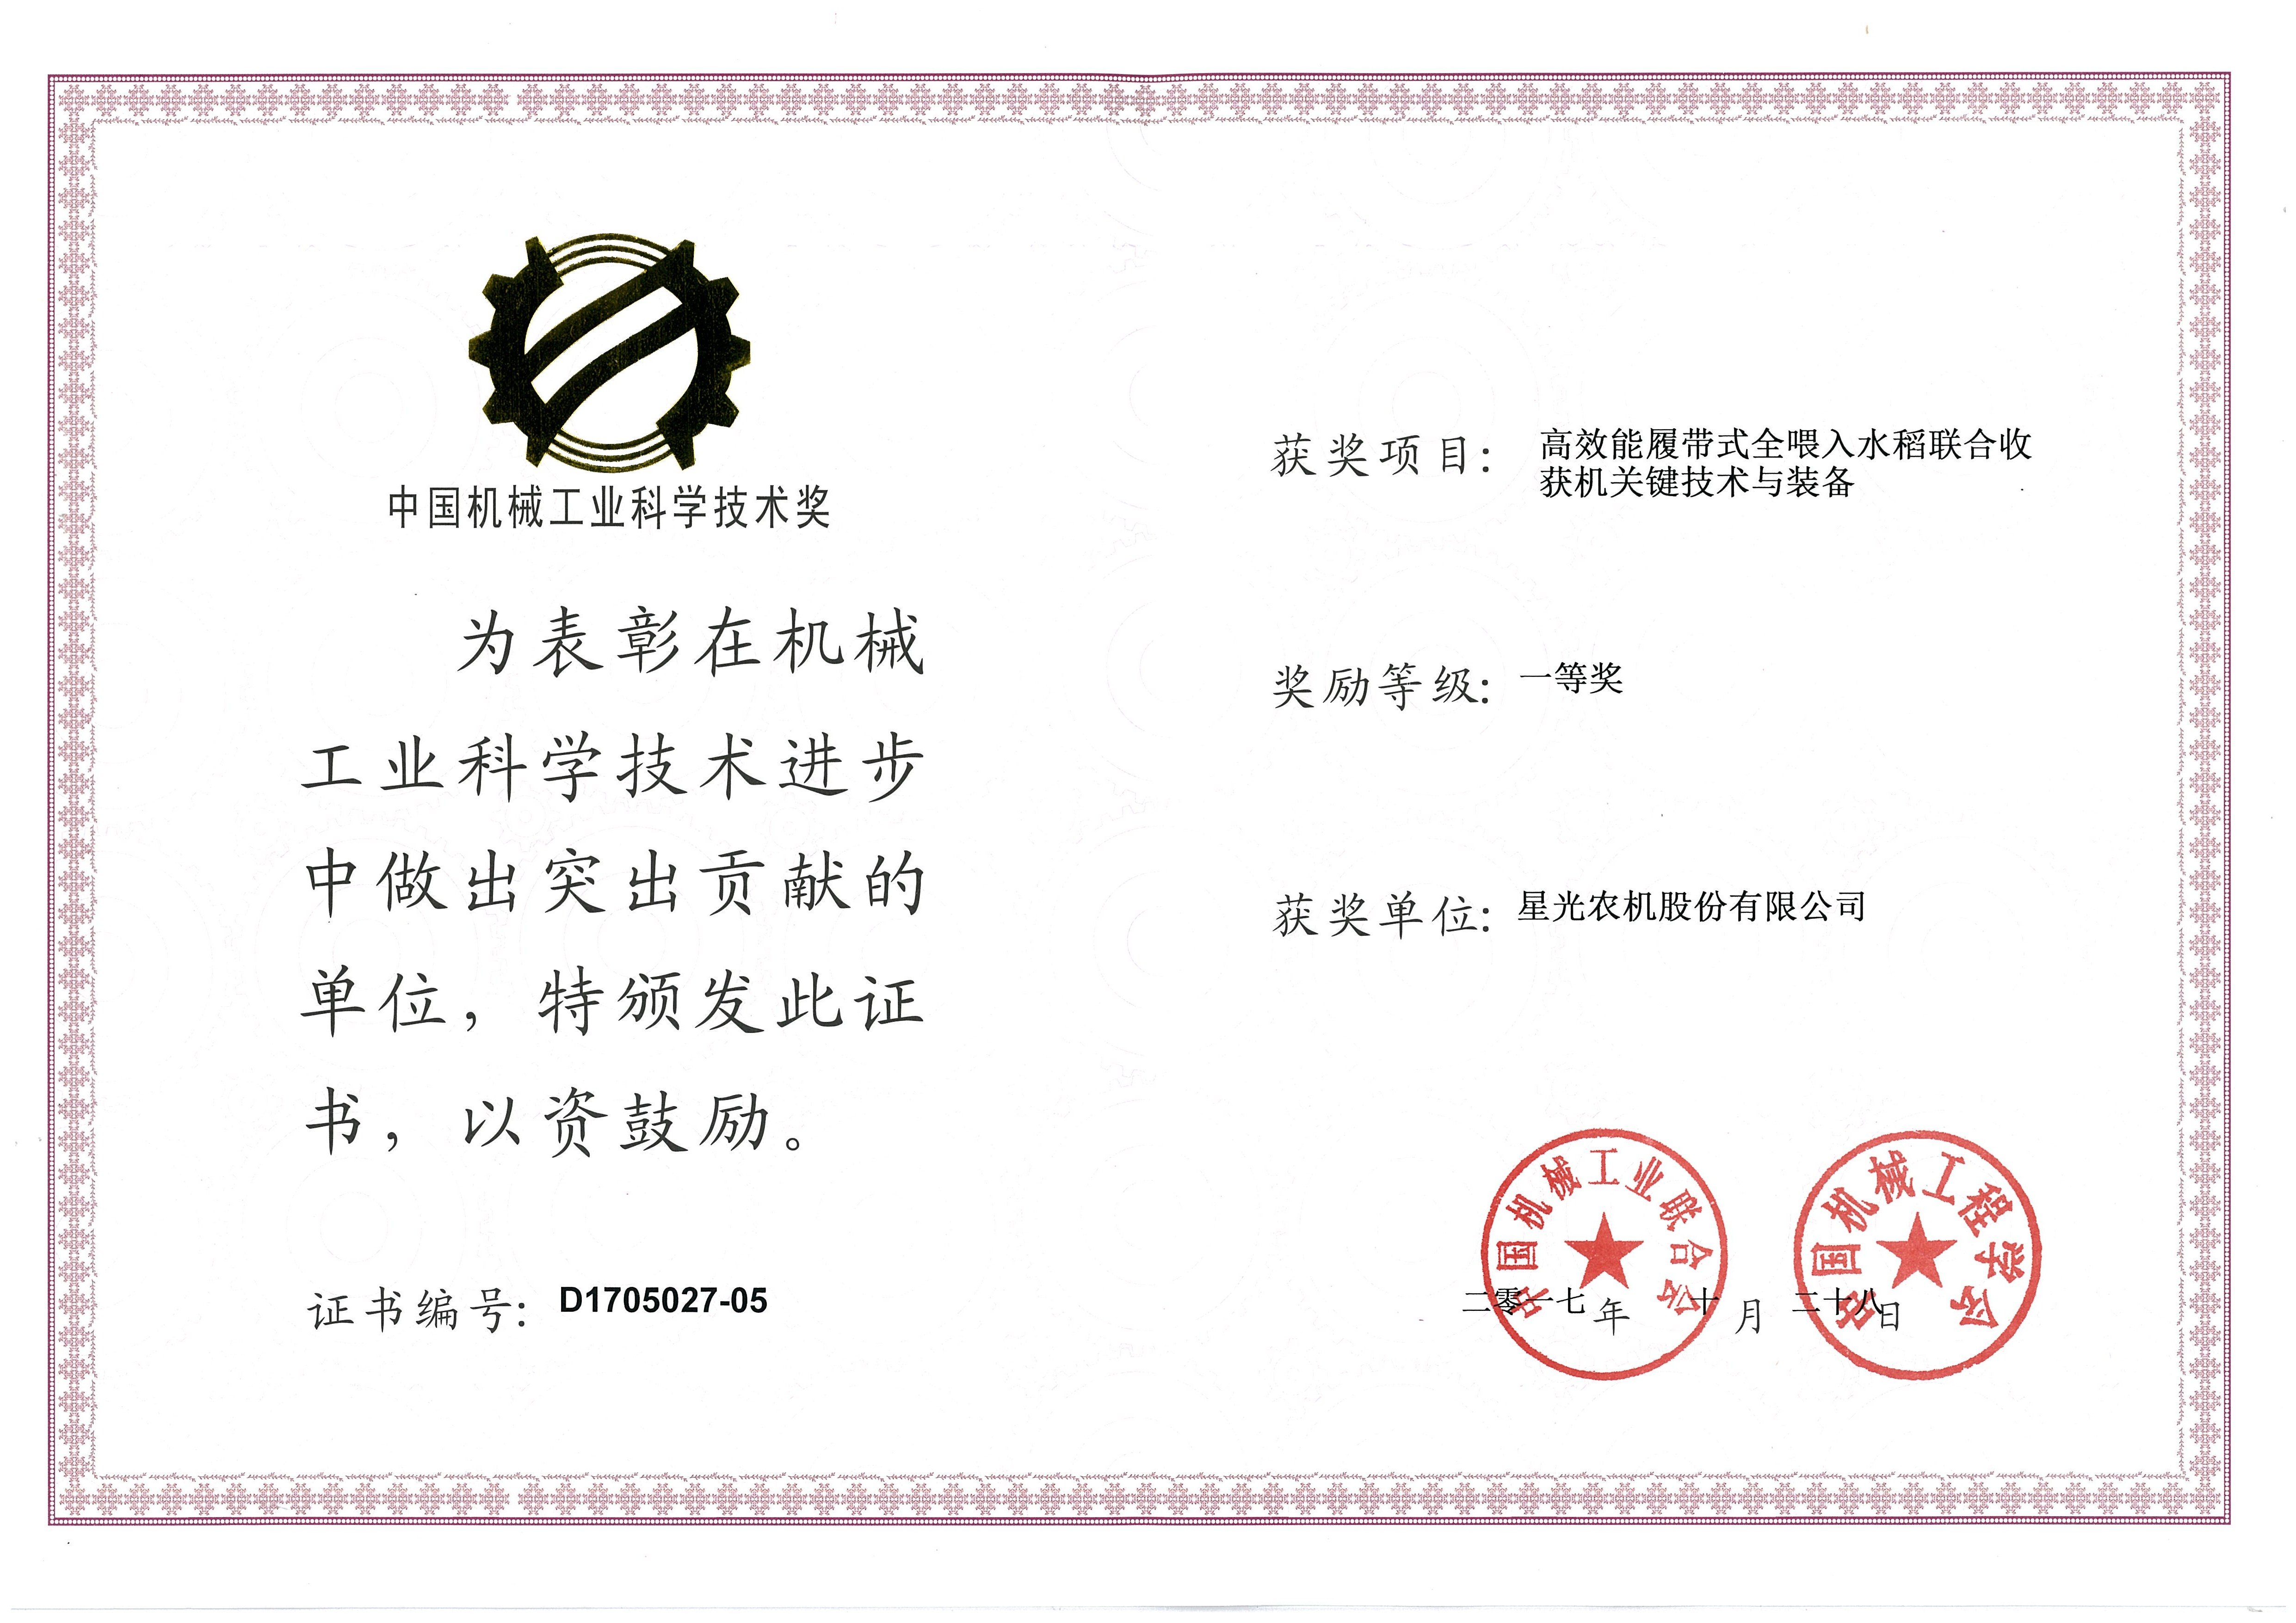 中國機械工業科學技術獎-一等獎